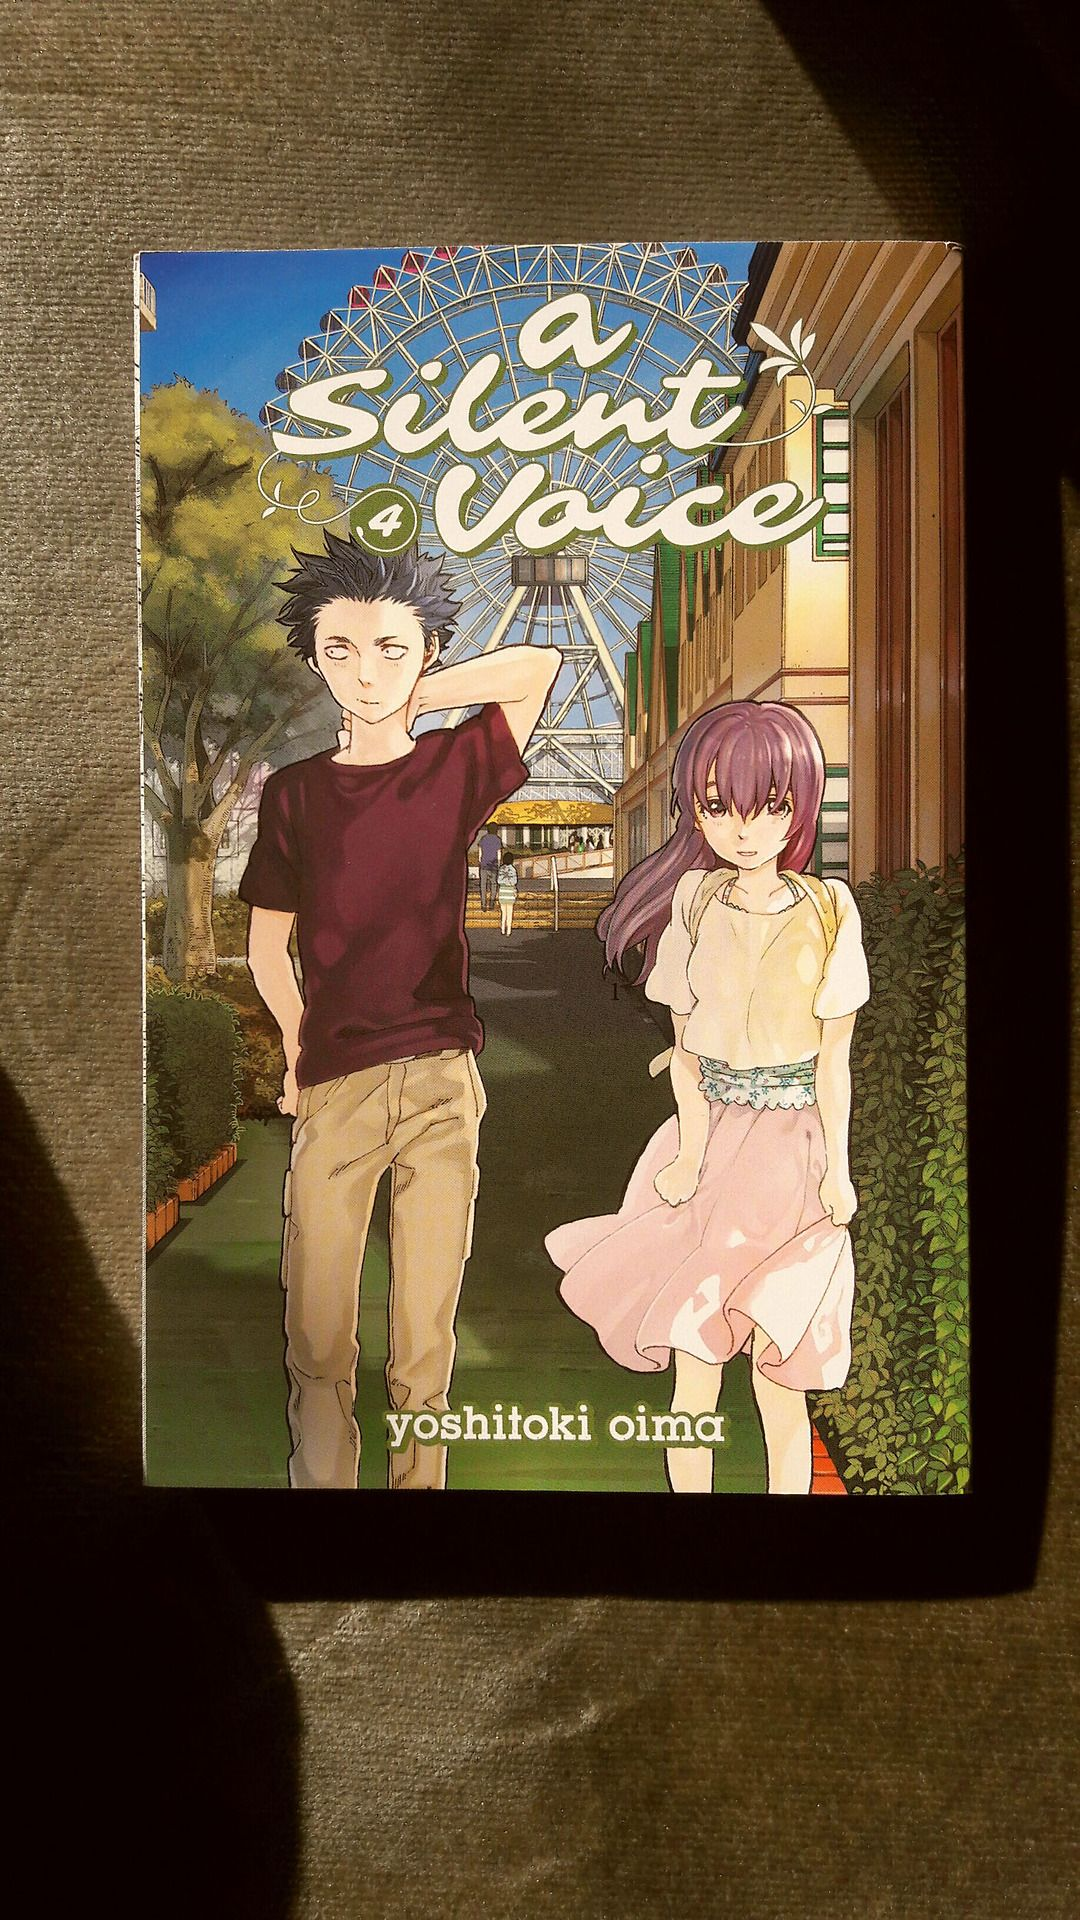 A Silent Voice, Volume 4 by Yoshitoki Oima: http://marinaillustrates.tumblr.com/post/159049595666/recap-a-silent-voice-by-yoshitoki-oima-focuses-on